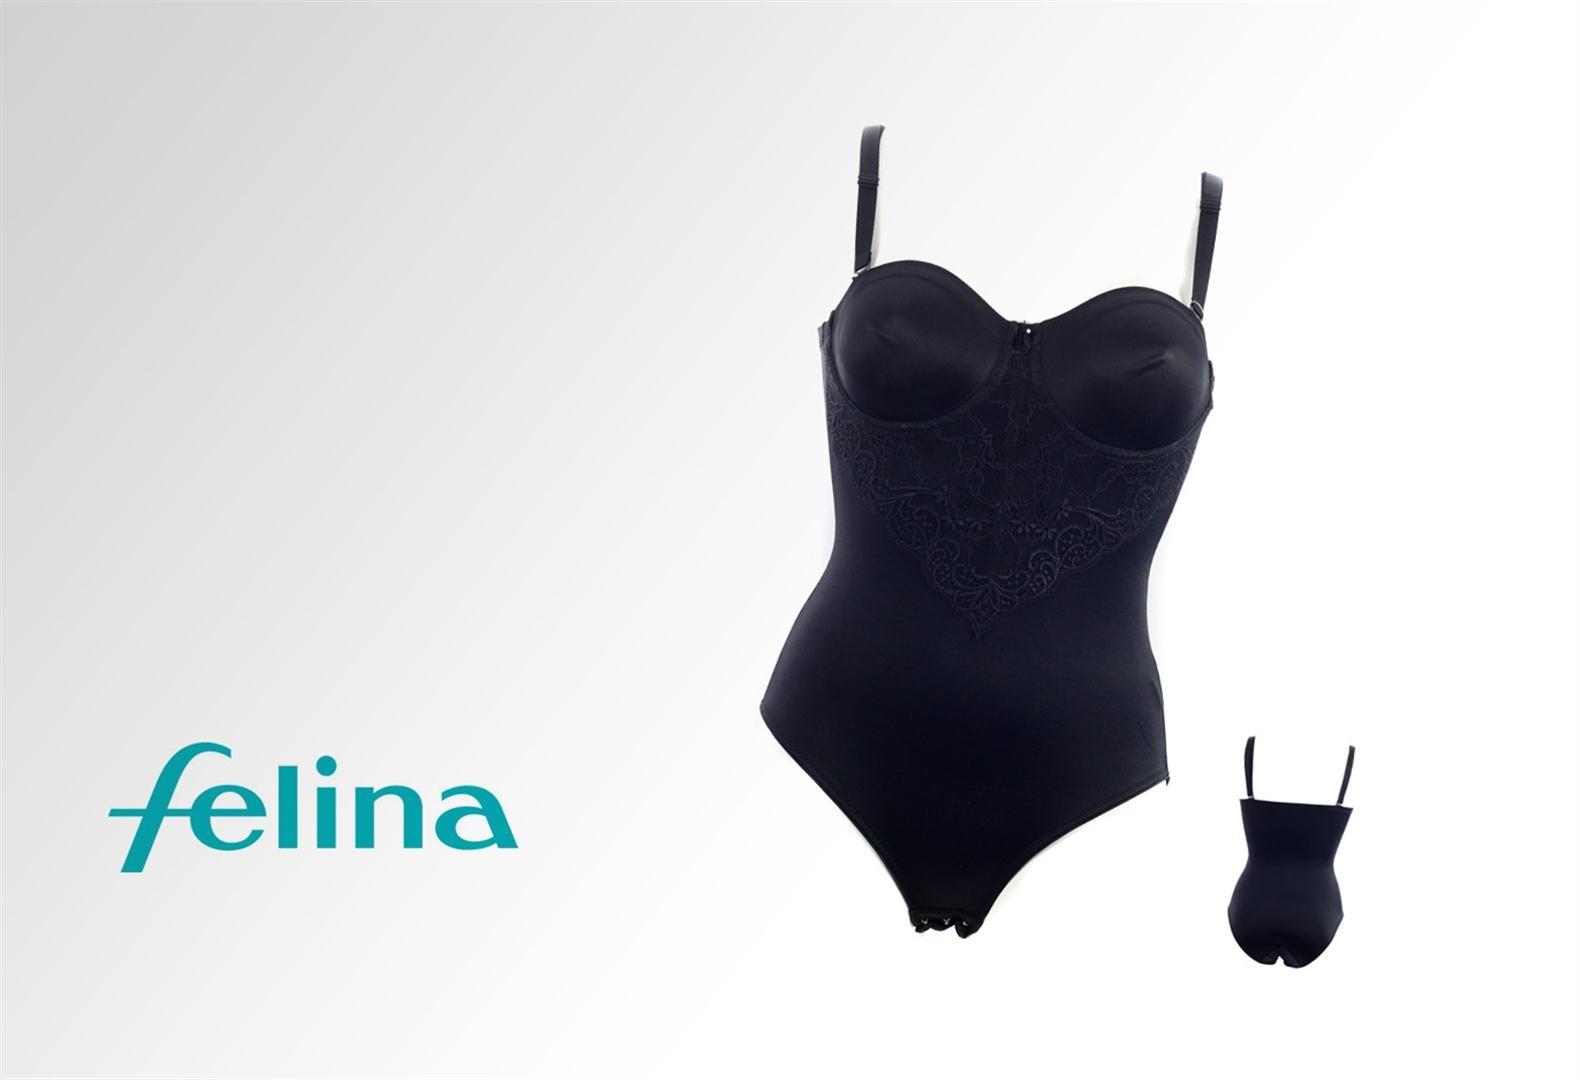 Body Mariage 5153 - Felina - Černá/75C